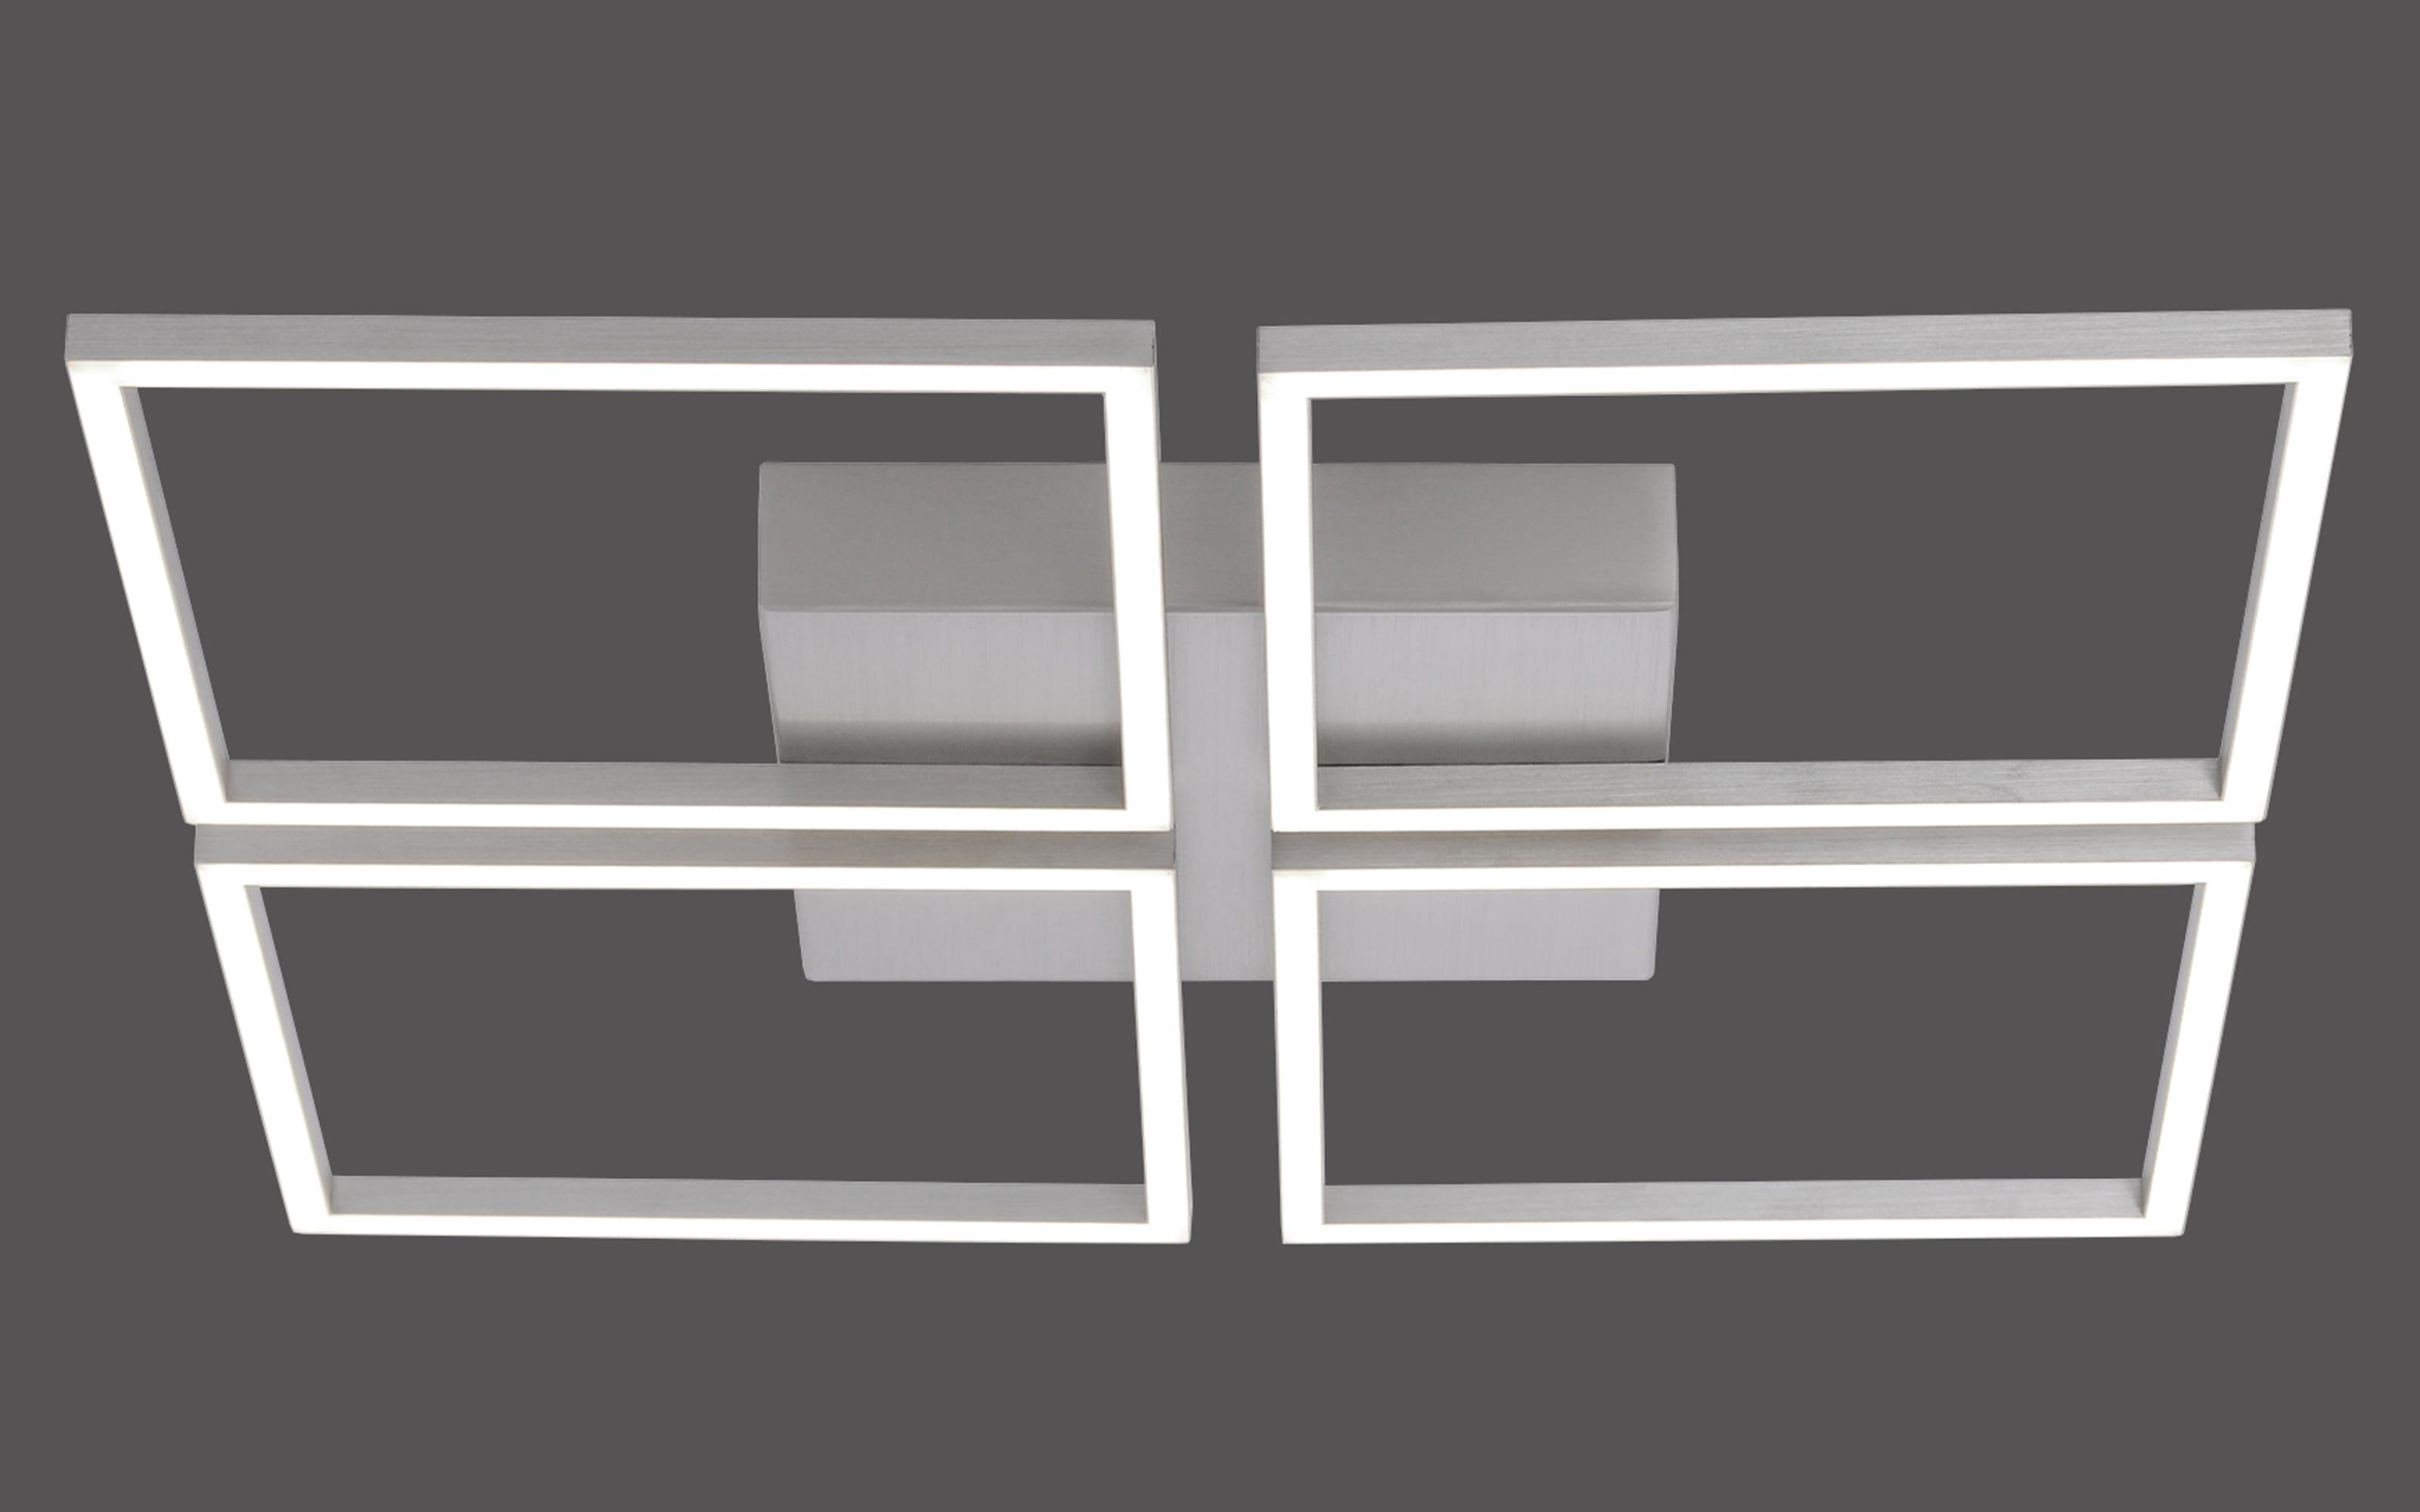 LED-Deckenleuchte Inigo in stahlfarbig, 4-flammig 52,5 cm x 52, 5 cm